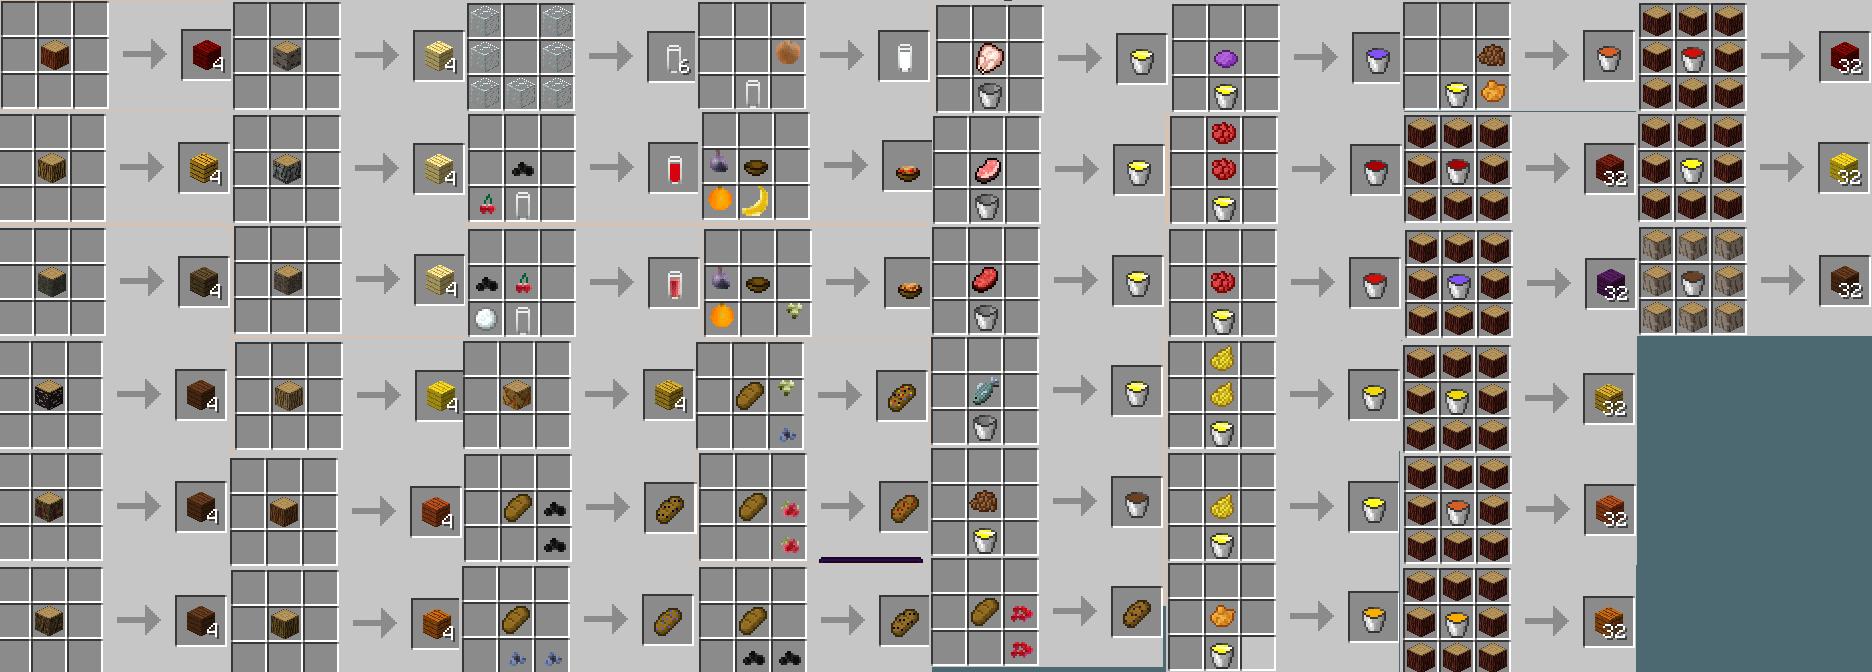 how to make a minecraft server 1.7 10